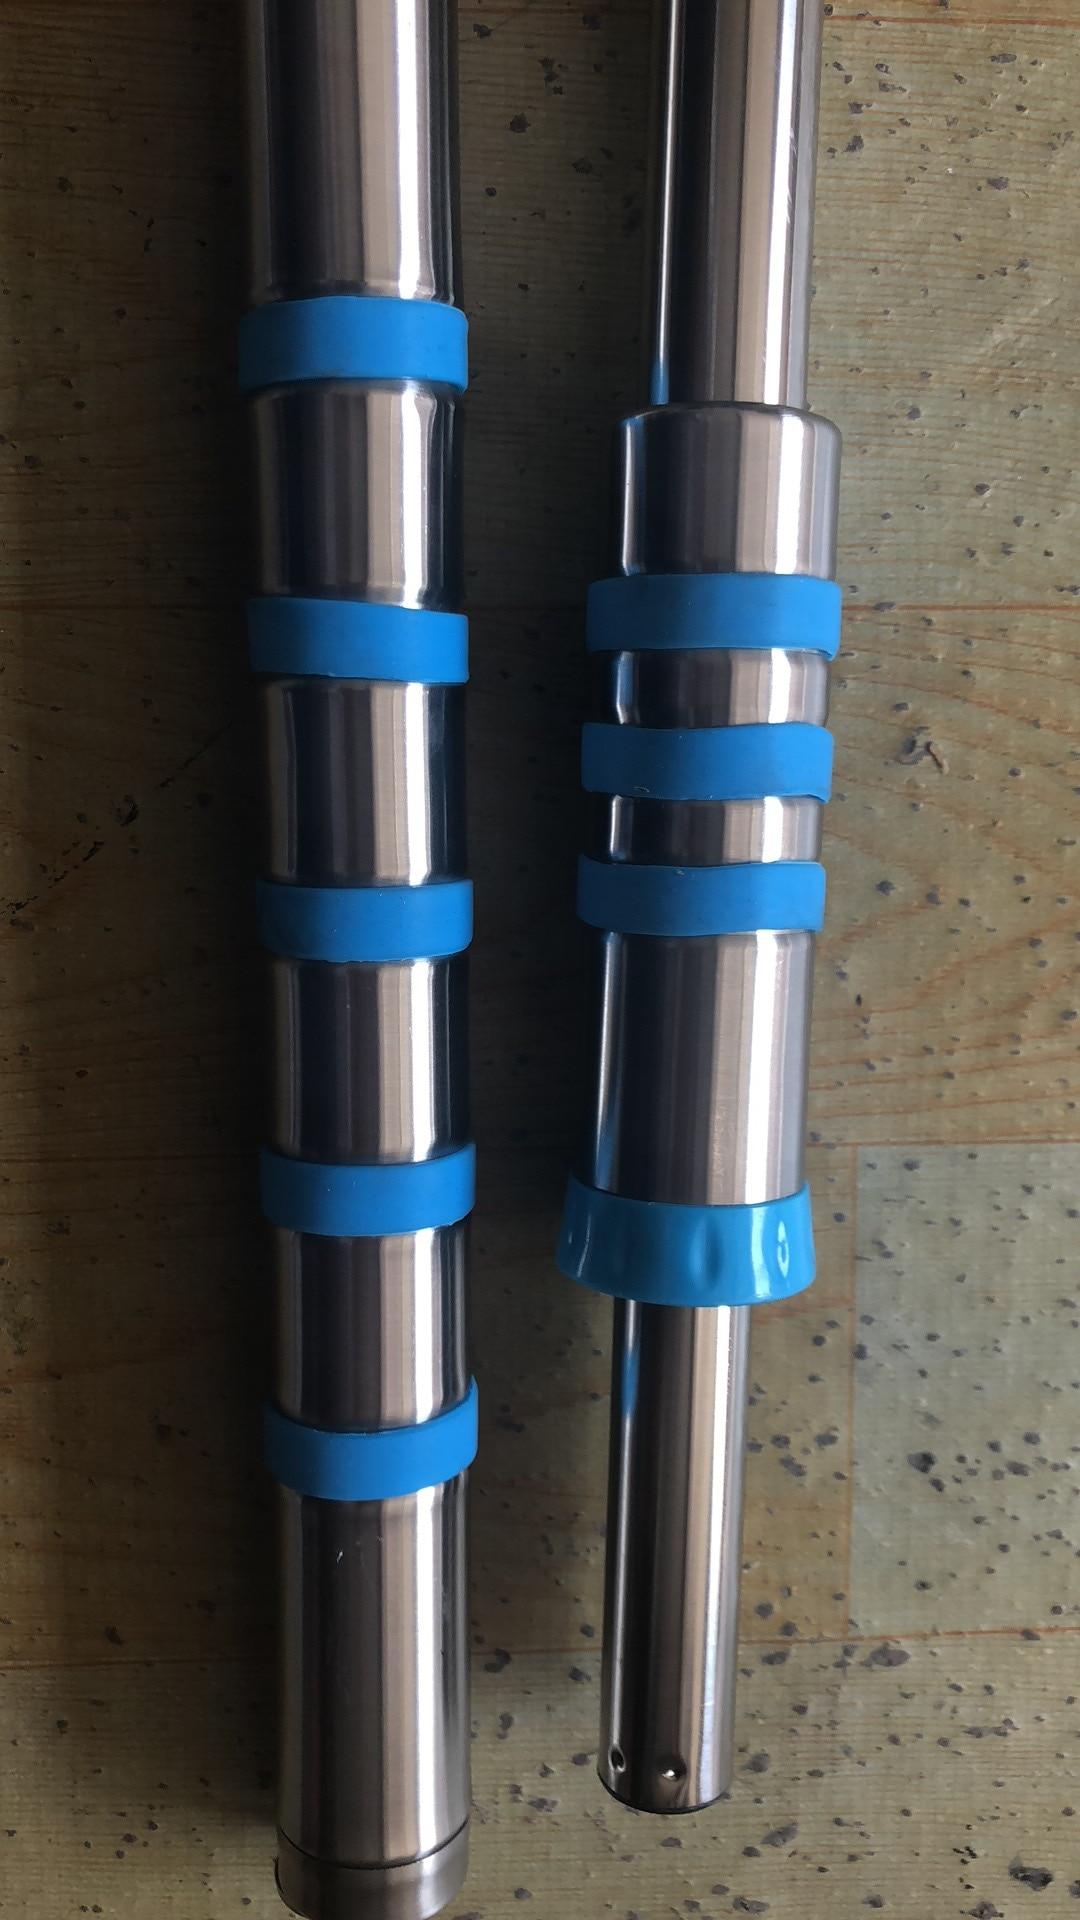 Prodotti e attrezzature per pulizia casa 360 Gradi di Rotazione Mop di Rotazione mop bastone e Mop testa in colore casuale